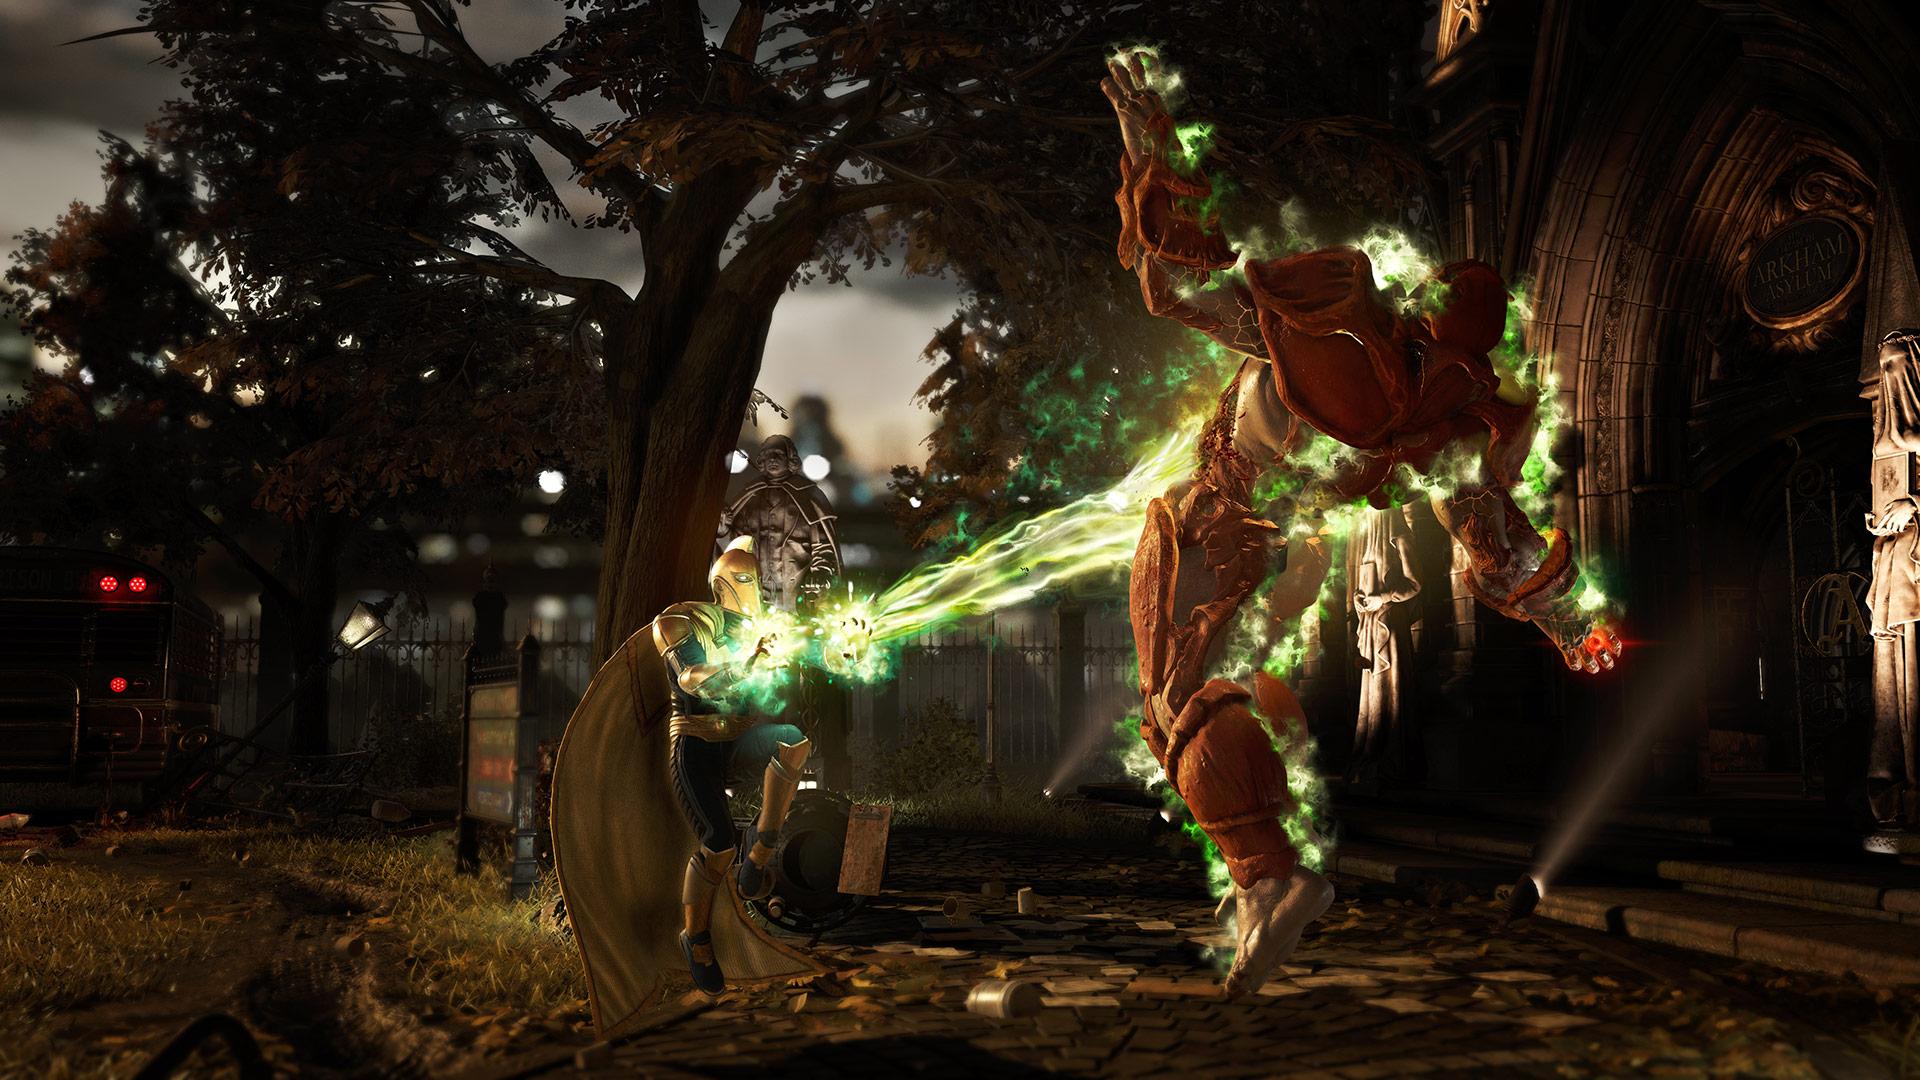 Les combats d'Injustice 2 se déroulent dans de nombreux environnements, tous plus beaux les uns que les autres